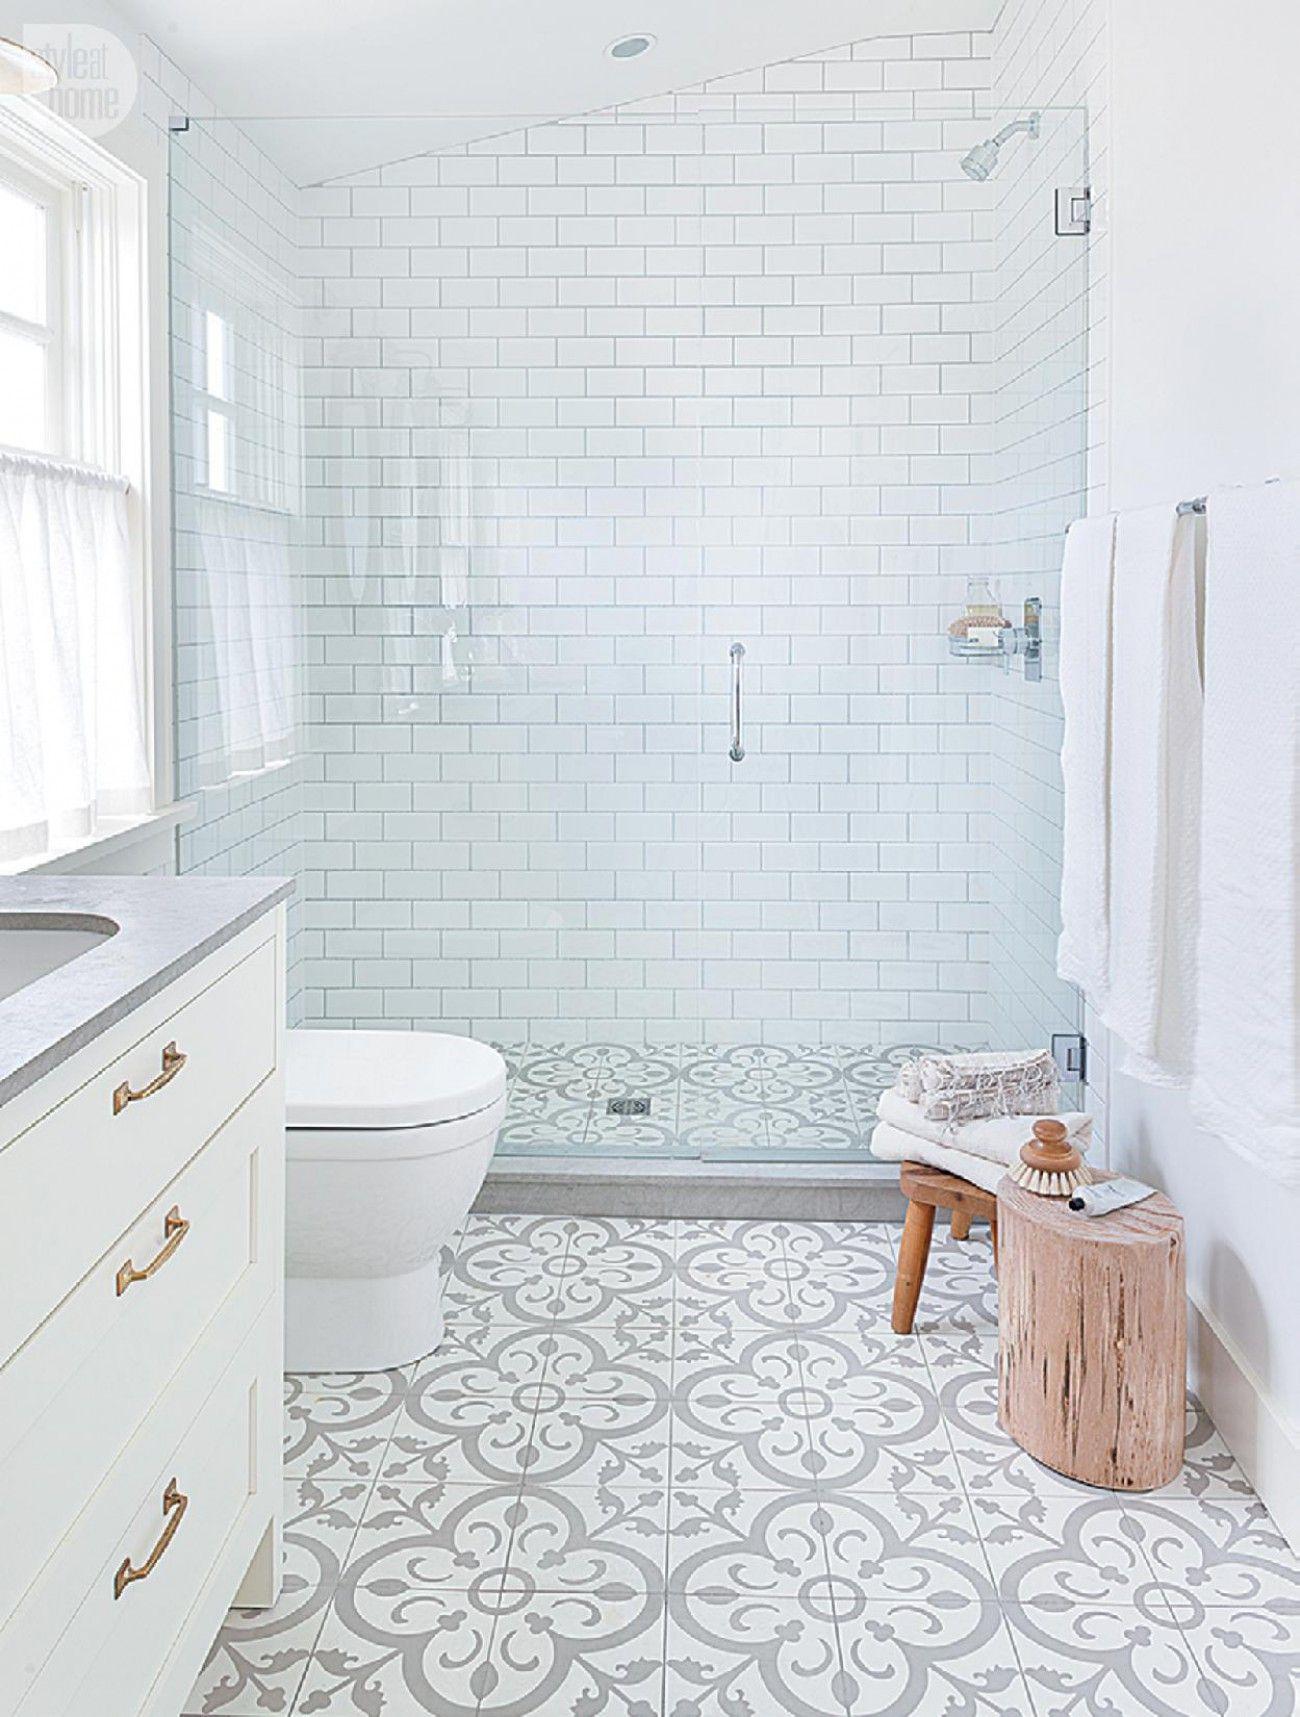 Anspruchsvoll Schönes Bad Beste Wahl Schönes Modernes Badezimmer Mit Tollen Fliesen Und